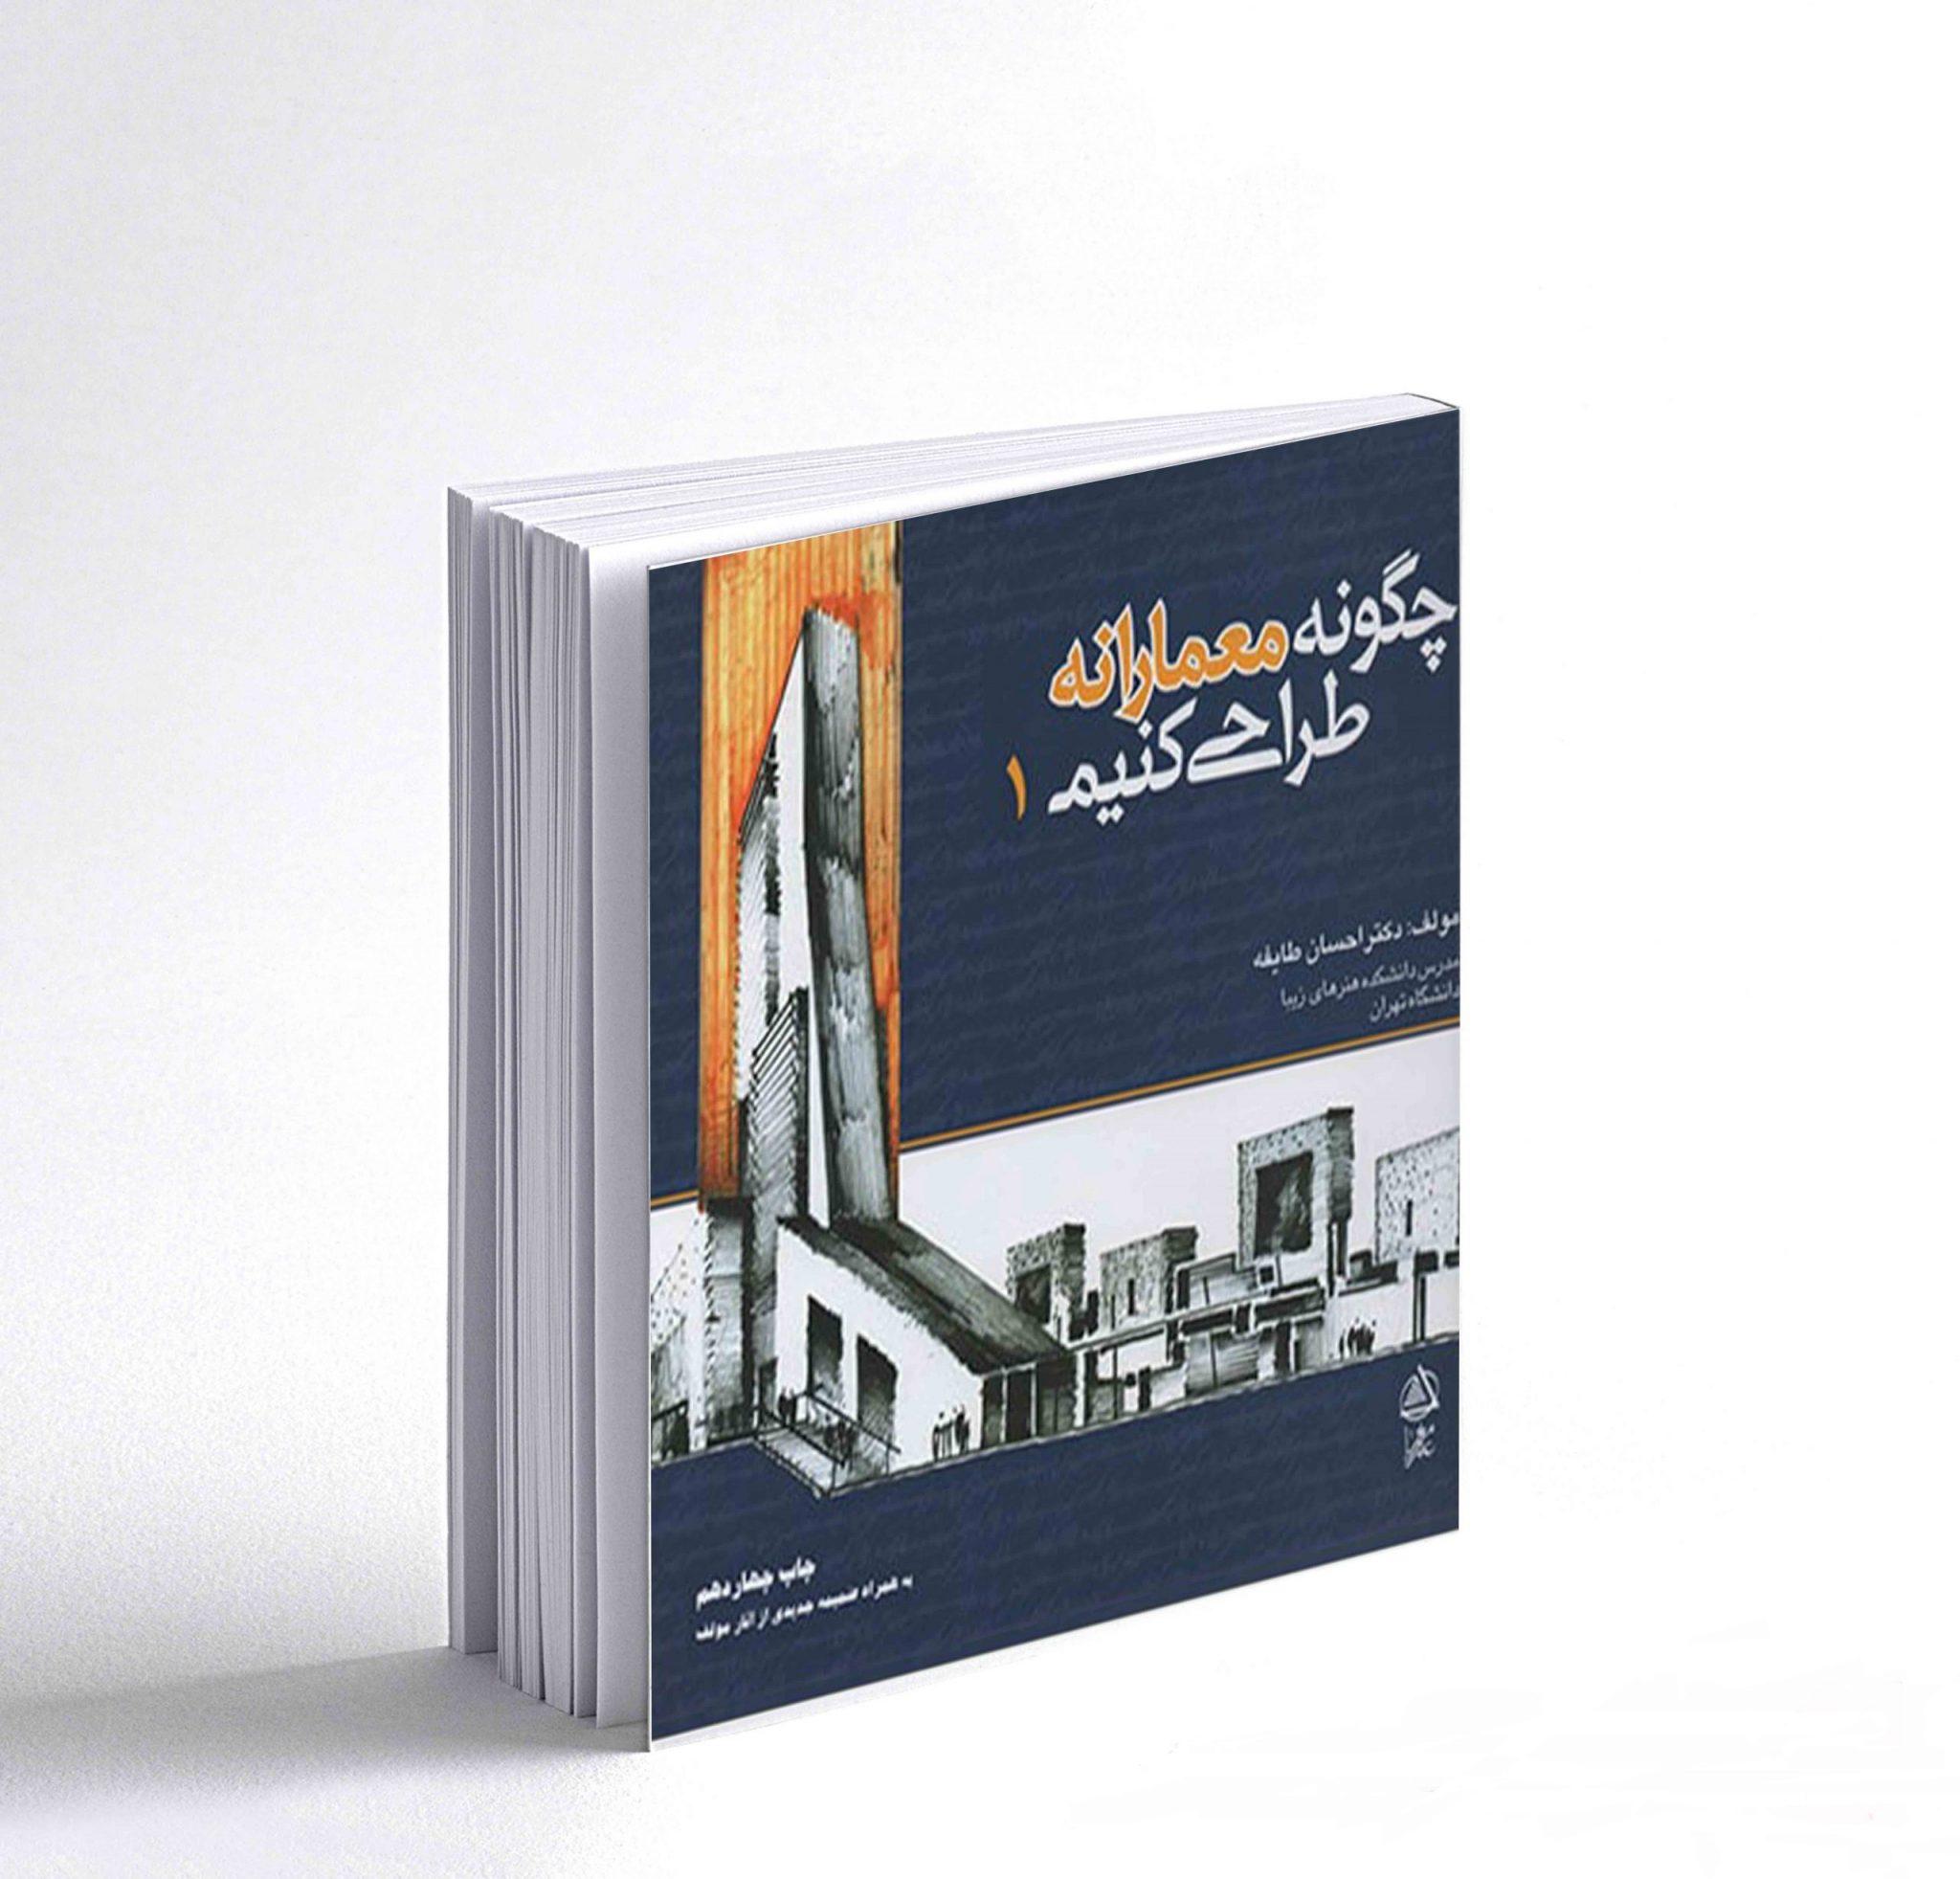 احسان طایفه کتاب چگونه معمارانه طراحی کنیم جلد 1